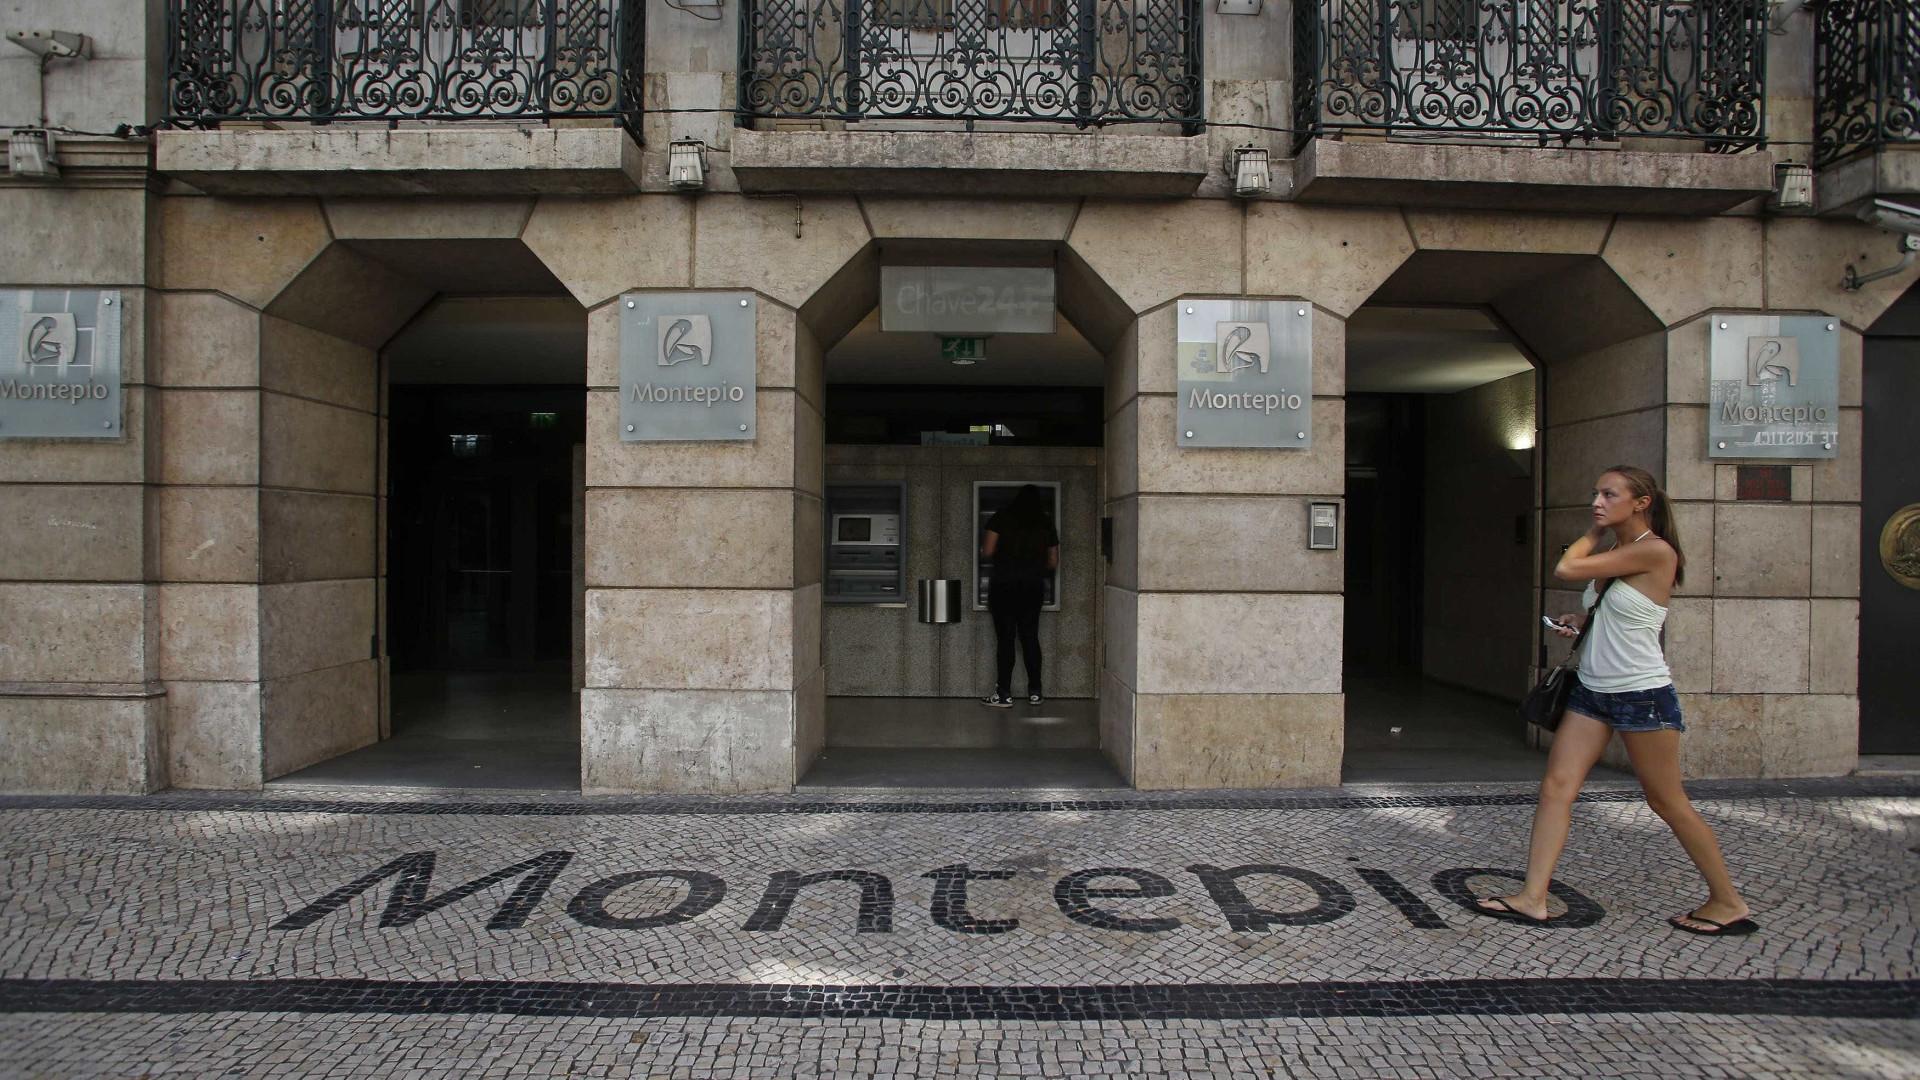 Montepio emprestou 75 milhões a empresa sem garantias